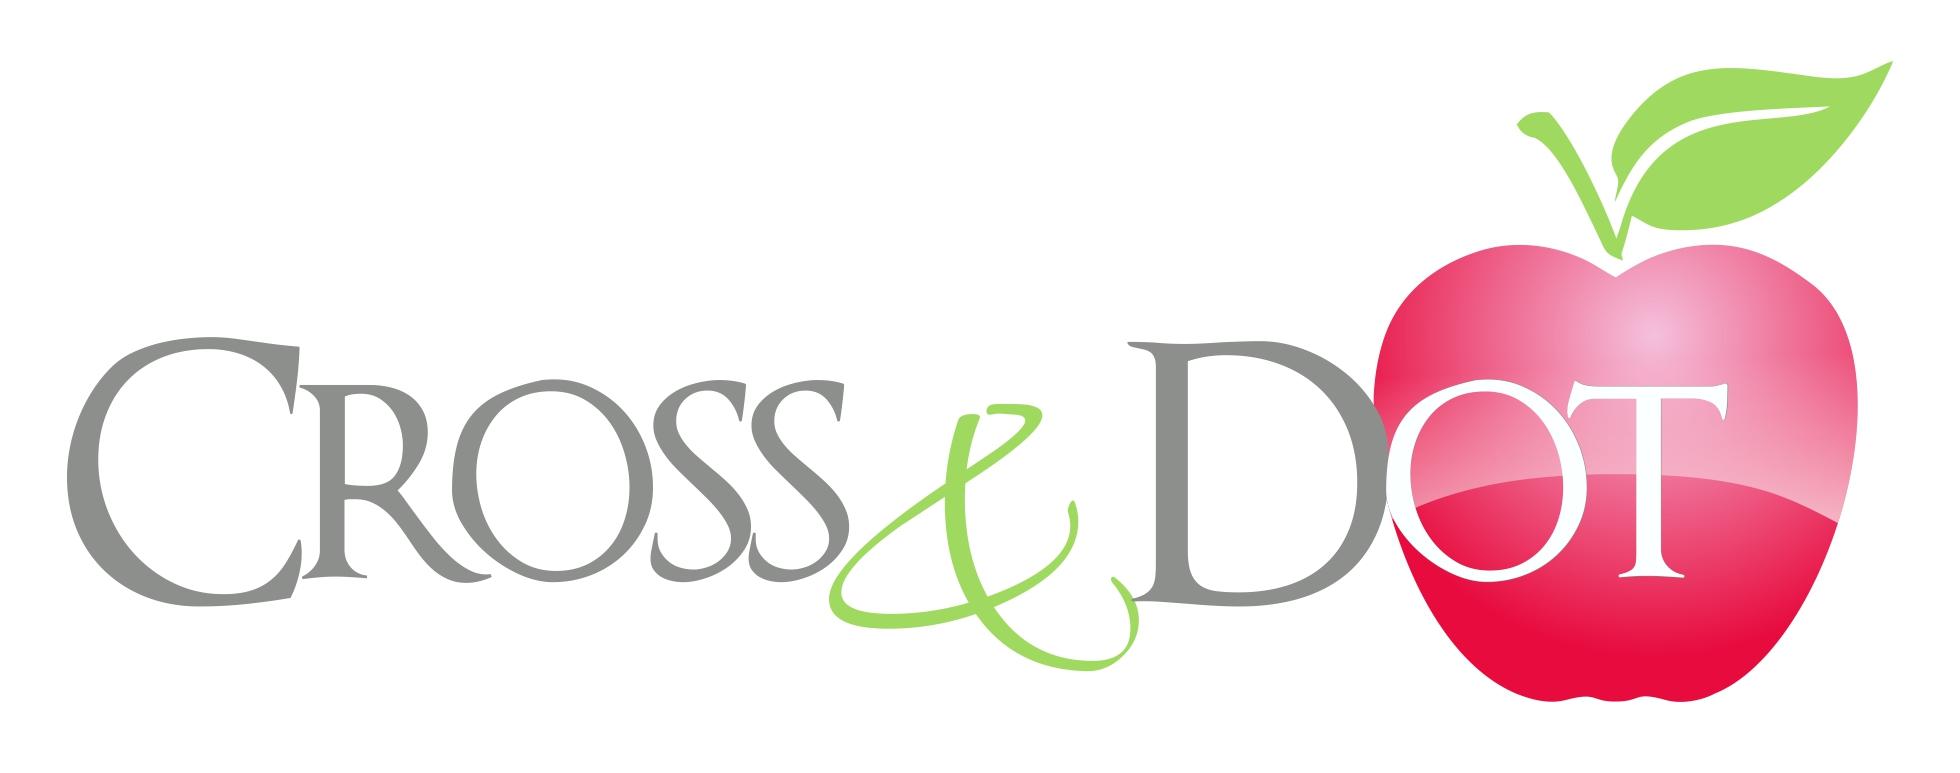 Cross & Dot, LLC - Black Owned